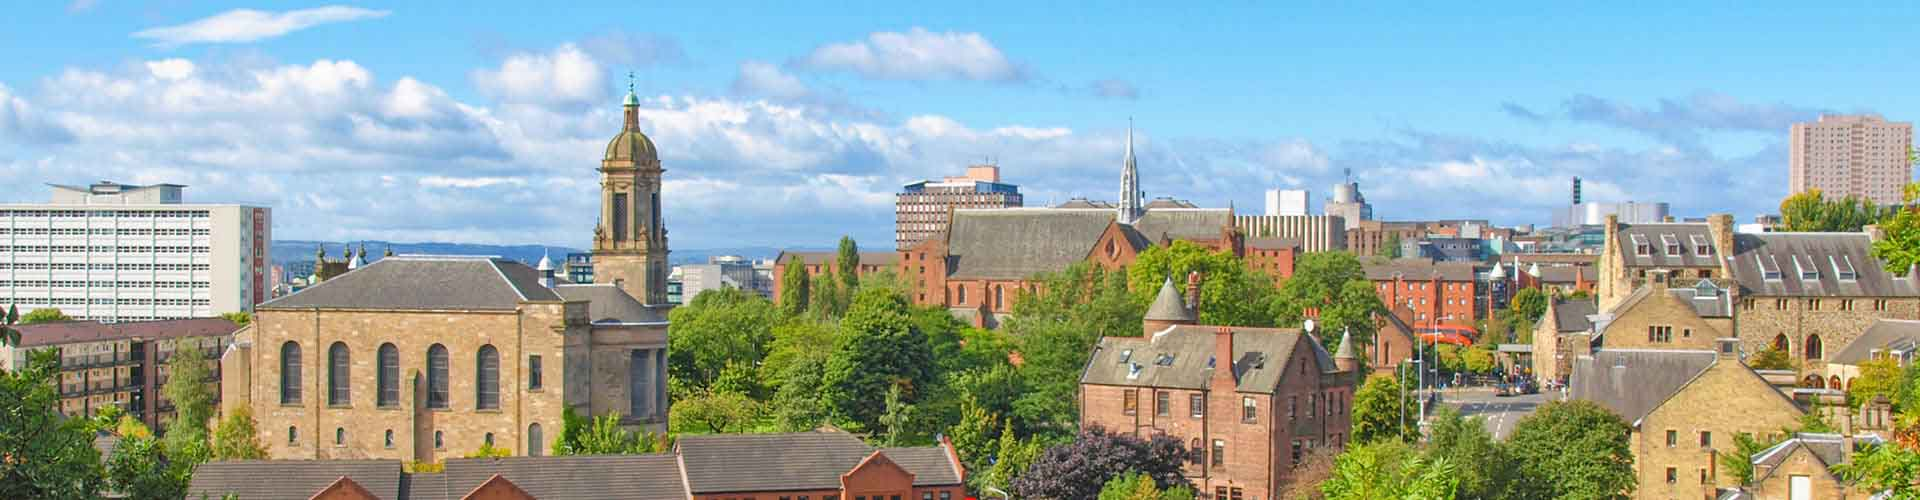 Glasgow - Hostelů v Glasgow. Mapy pro Glasgow, fotky a recenze pro každý hostel v Glasgow.